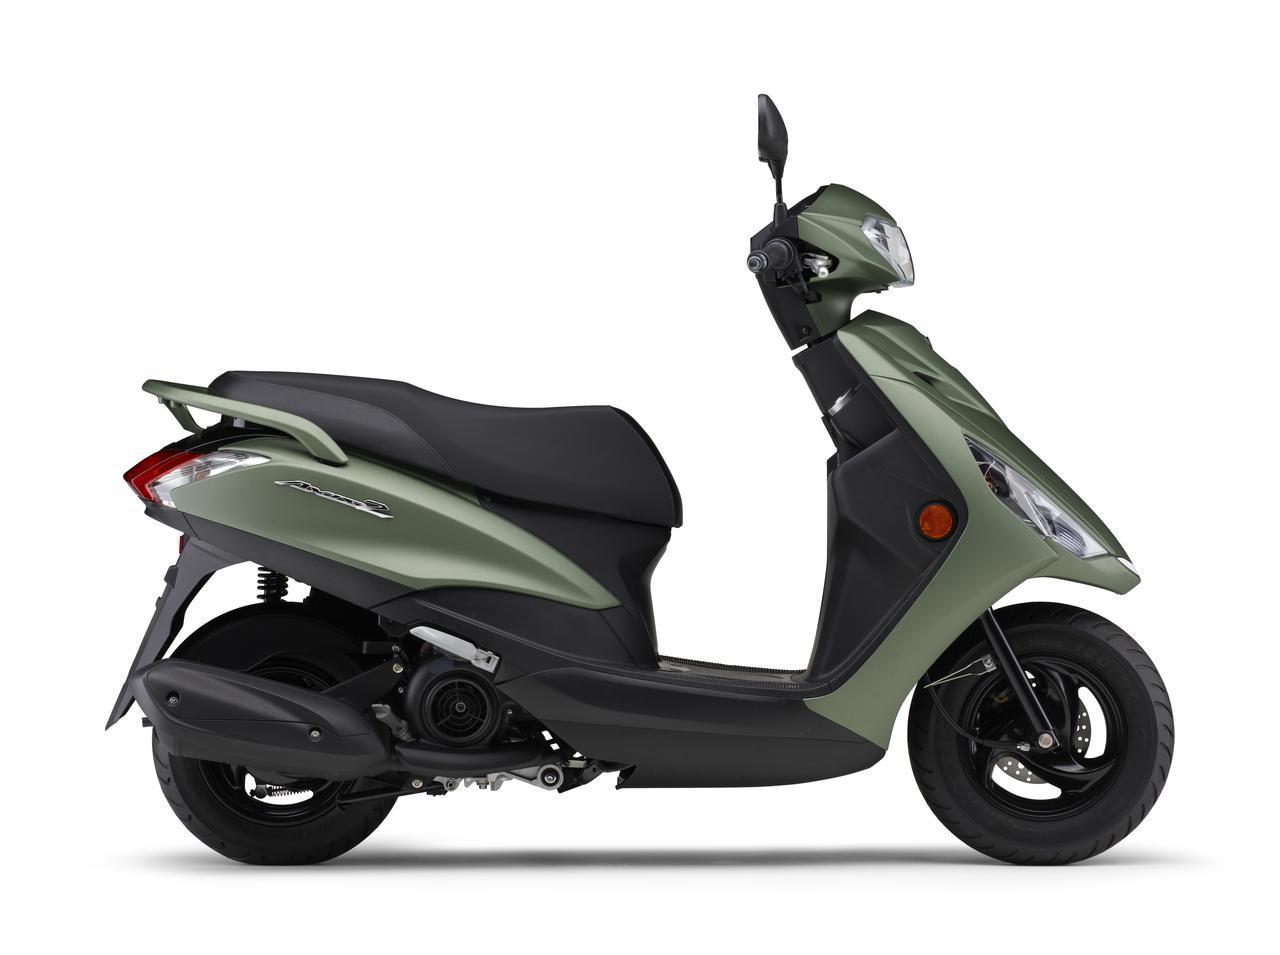 画像1: ヤマハが125ccスクーター「アクシスZ」の2021年モデルを発表! カラーは全5色設定で2月5日に発売